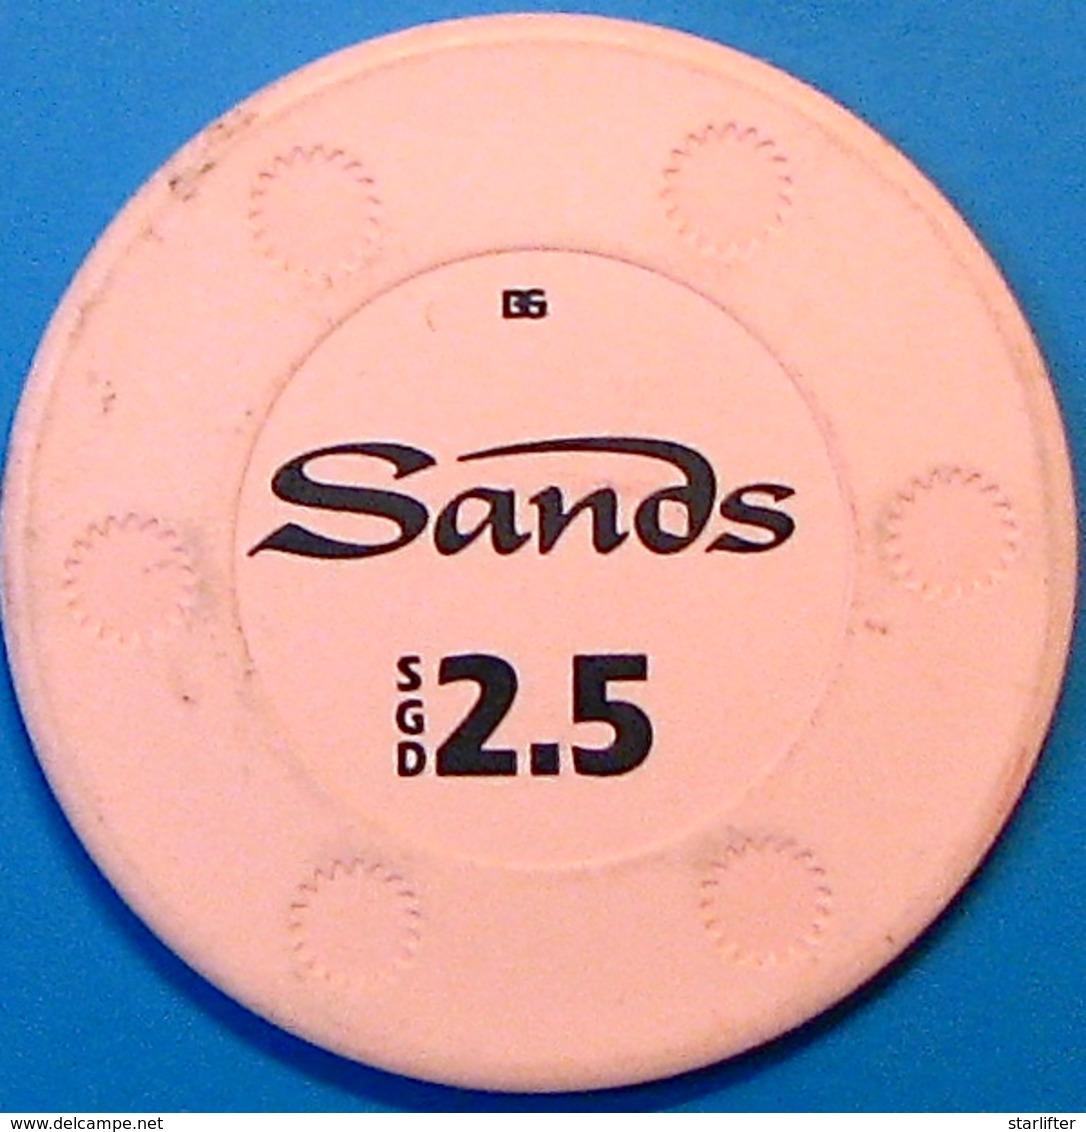 2.50 Casino Chip. Marina Bay Sands, Singapore. N39. - Casino